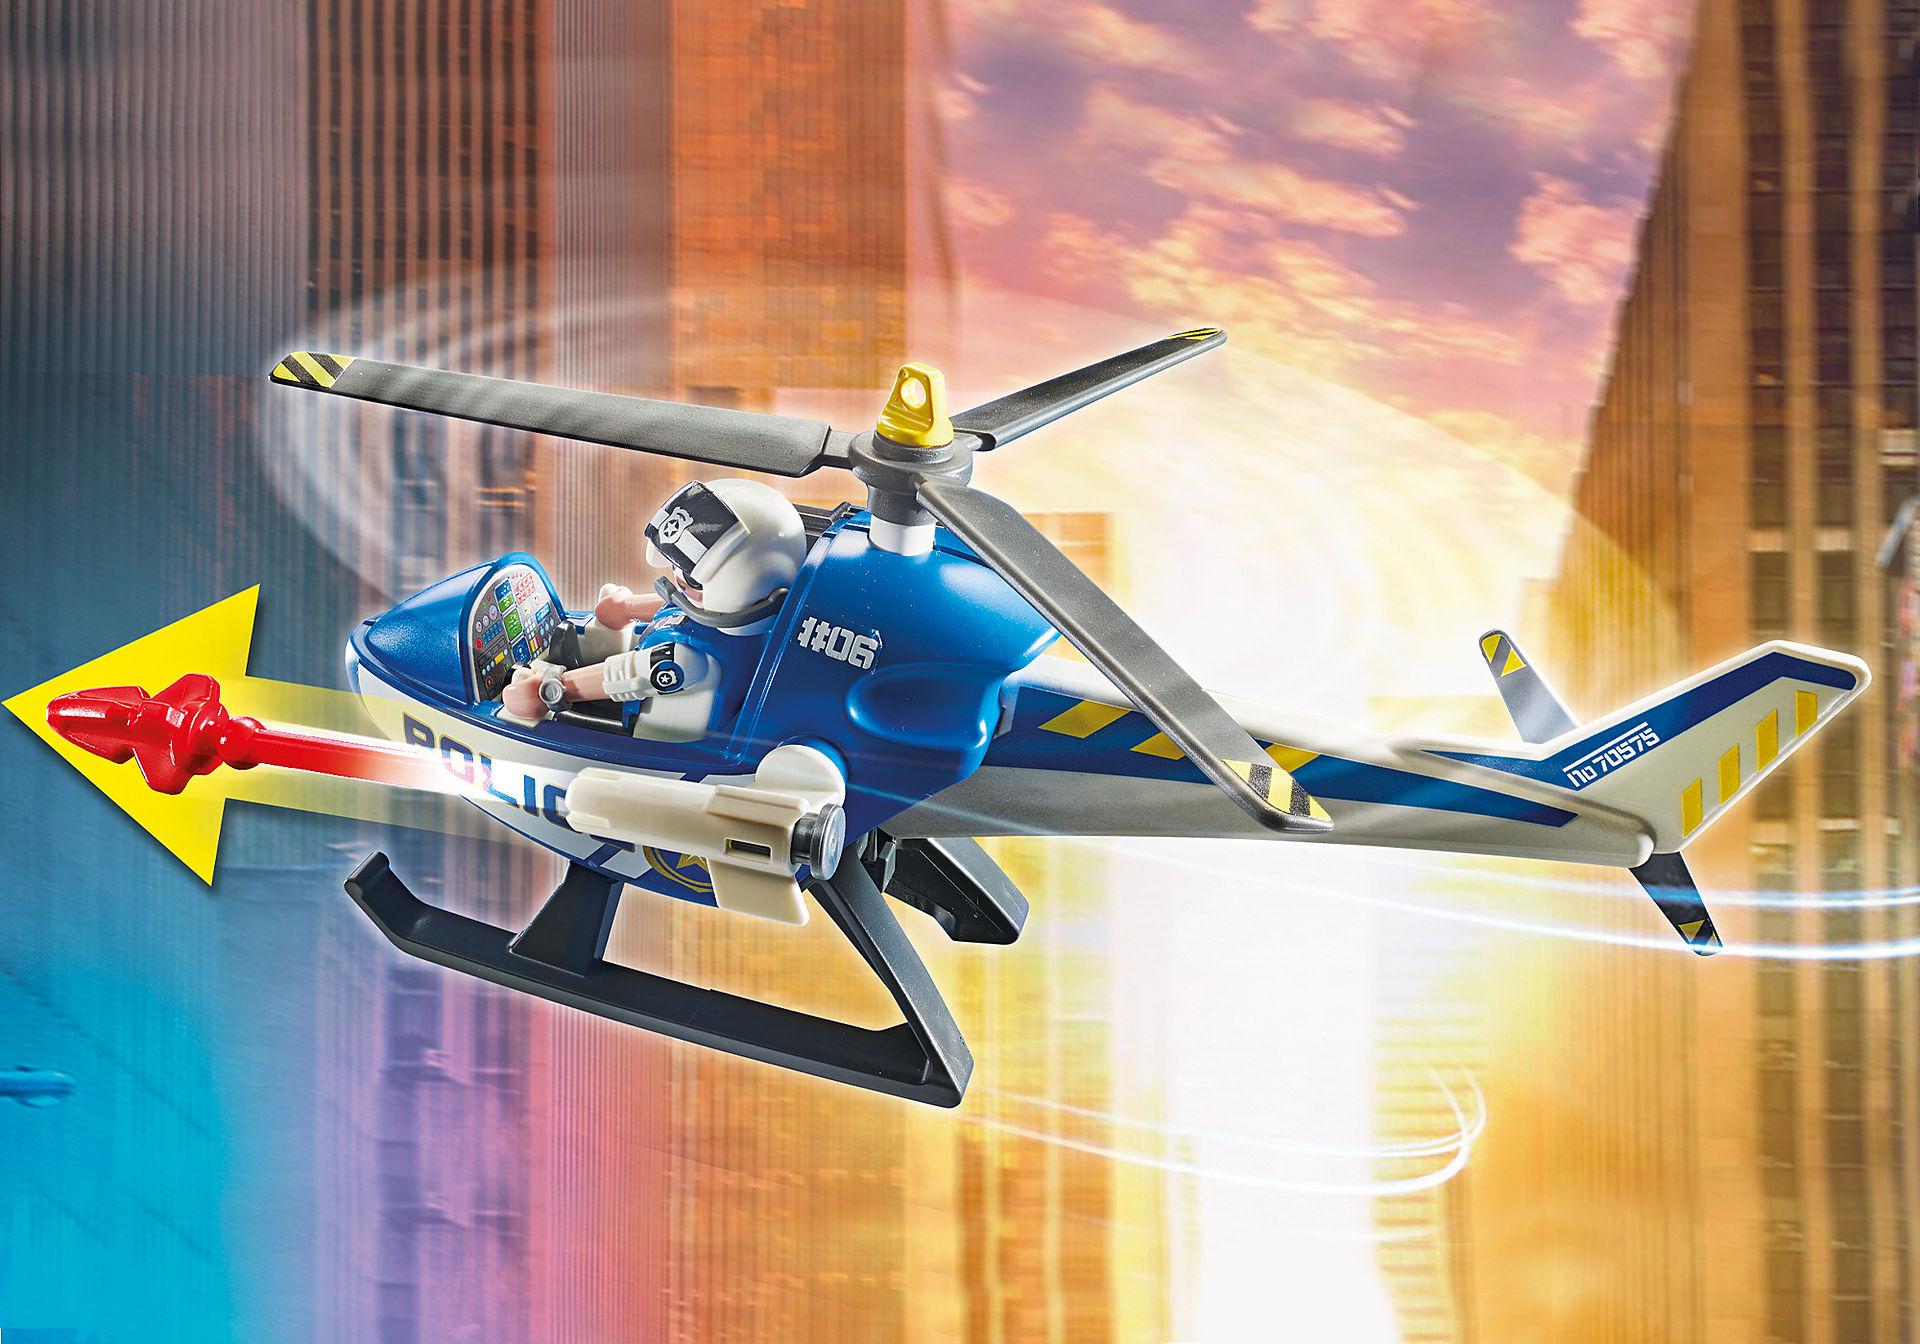 70575 Politiehelikopter: achtervolging van het vluchtvoertuig zoom image4